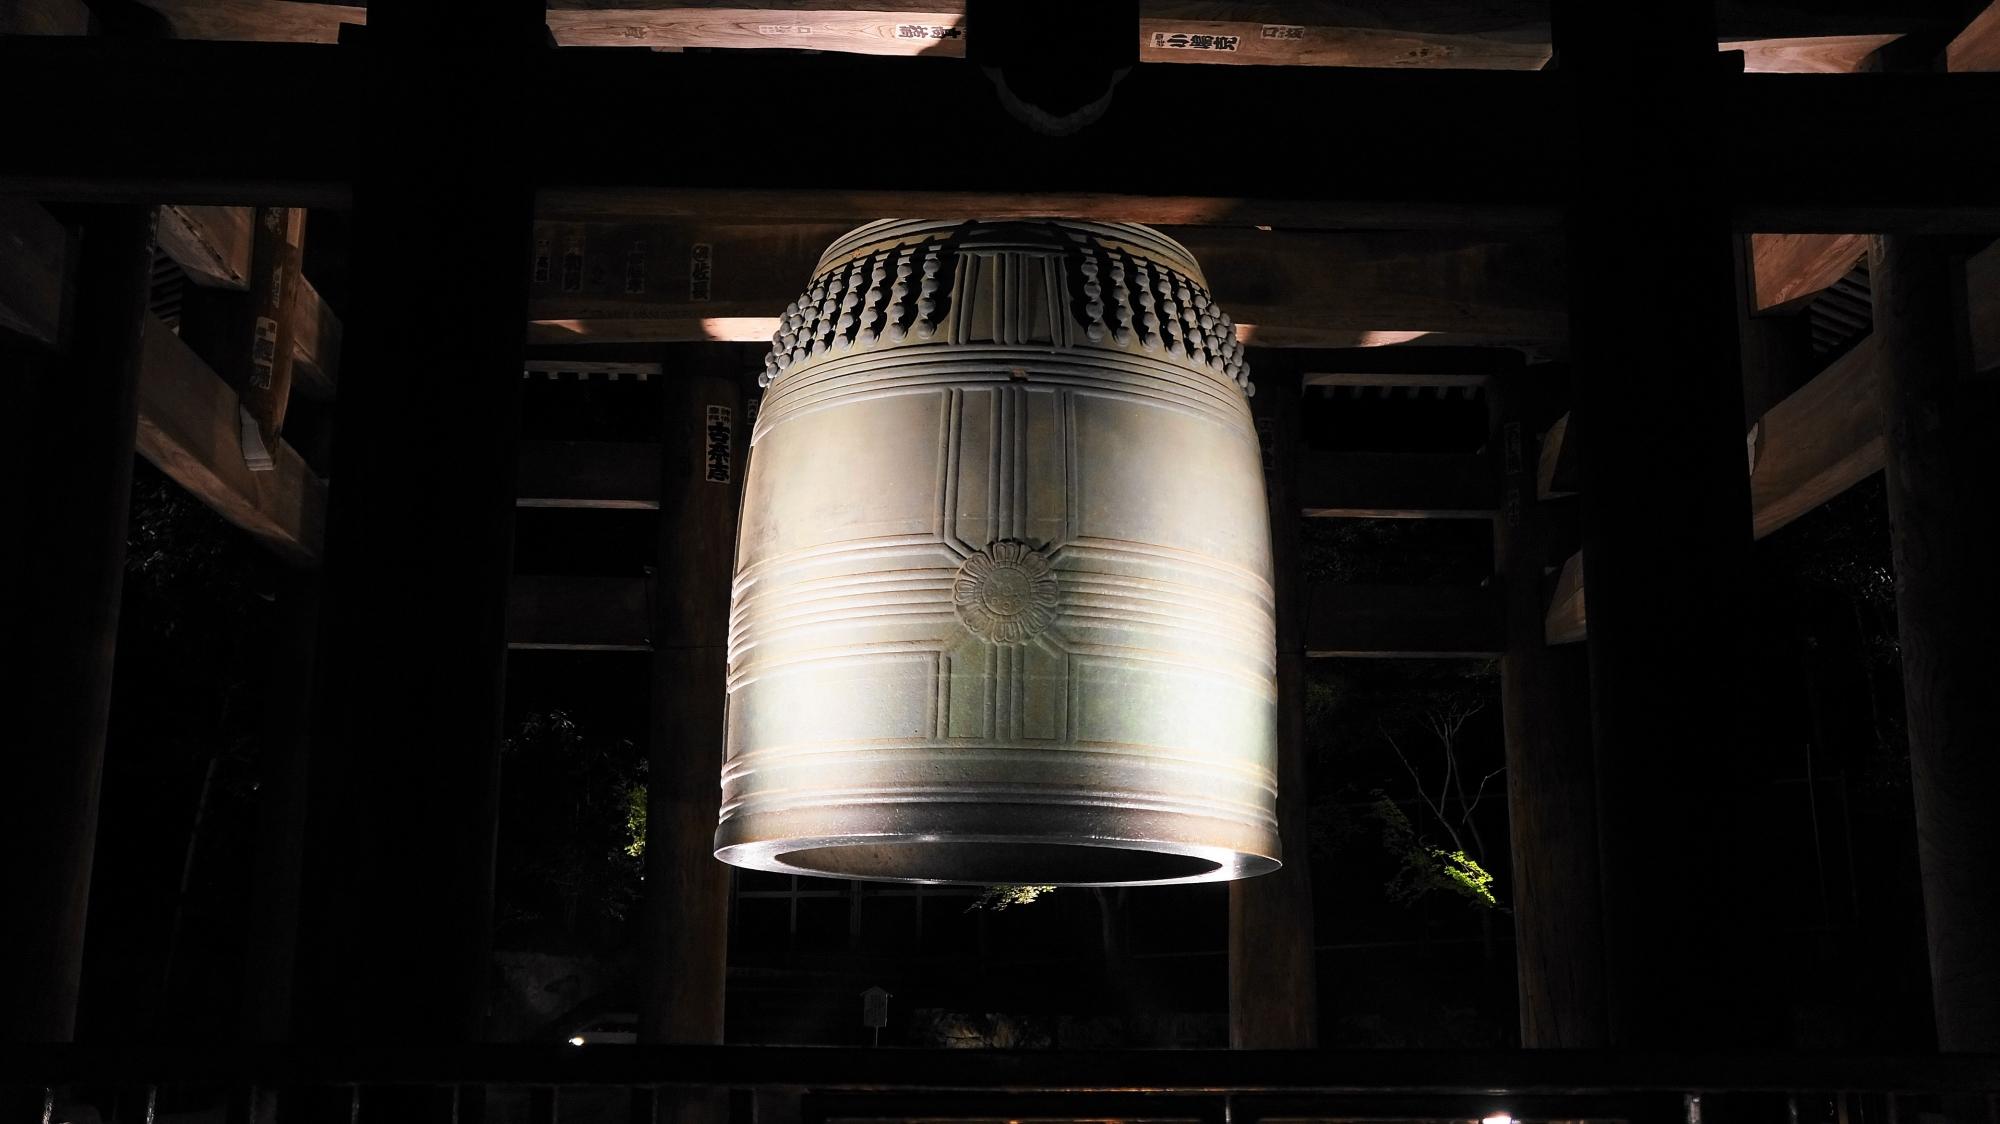 知恩院 大鐘楼 ライトアップ